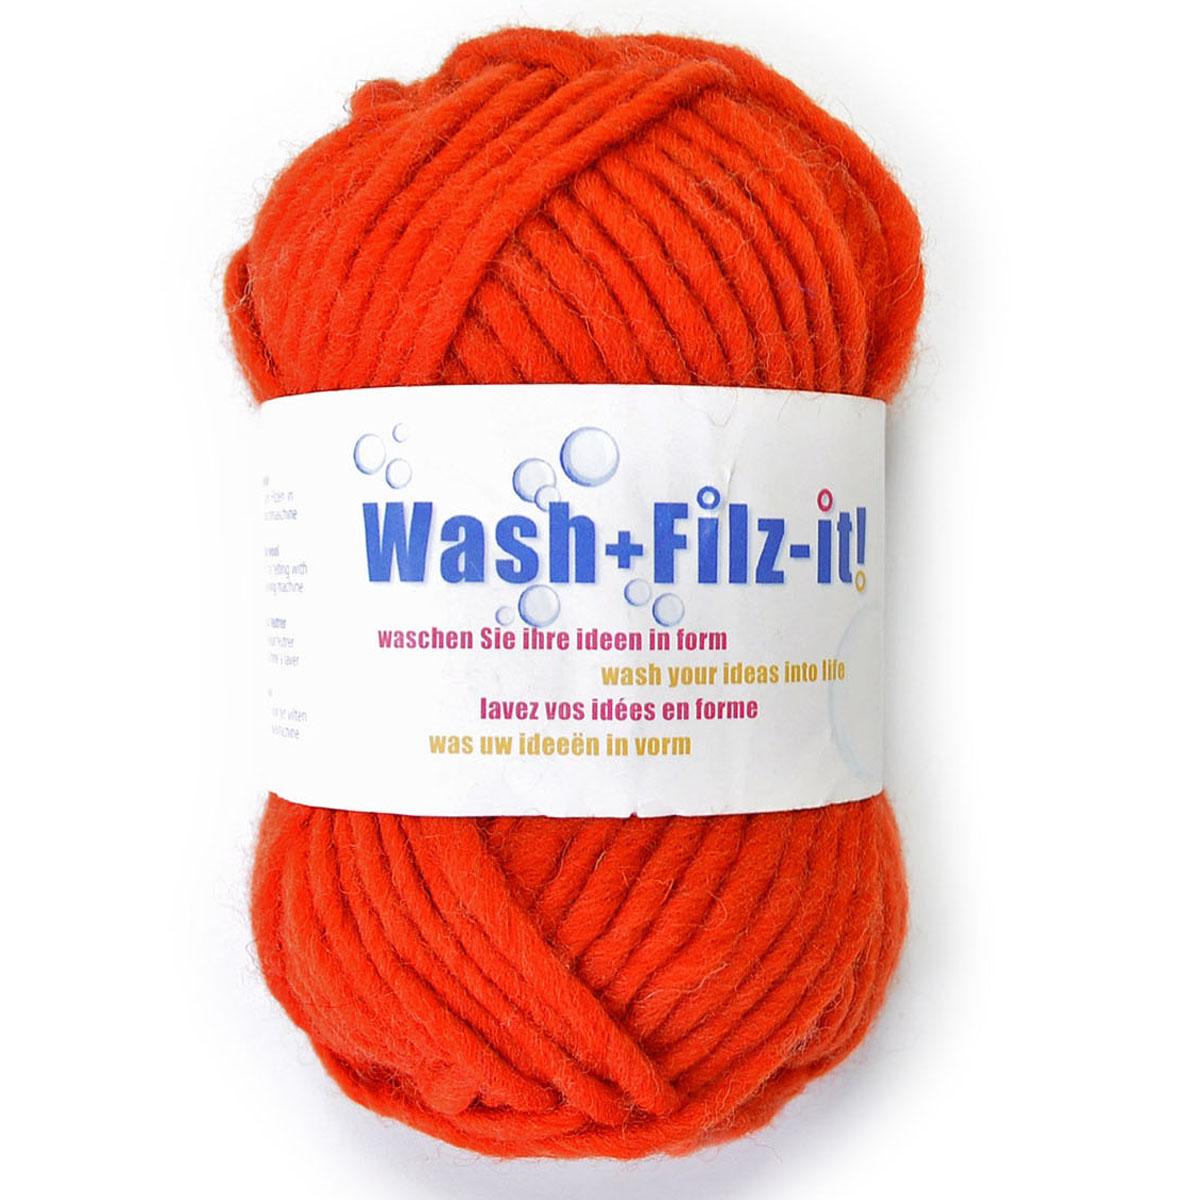 Пряжа для сваливания в стиральной машине Wash+Filz-it, цвет: sienna (сиена, оранжевый) (00005), 50 м, 50 г9812942-00005Специальная пряжа Wash+Filz-it, выполненная из натуральной шерсти, предназначена для вязания на спицах и дальнейшего сваливания в стиральной машине. Придайте вашим идеям форму! С этой пряжей очень легко работать - свяжите и выстирайте в стиральной машине при температуре 60°С. Внимание! Ваше связанное изделие после стирки уменьшится на 30%. Валяние шерсти - это особая техника рукоделия, в процессе которой из шерсти для валяния создается рисунок на ткани или войлоке, объемные игрушки, панно, декоративные элементы, предметы одежды или аксессуары. Только натуральная шерсть обладает способностью сваливаться или свойлачиваться.